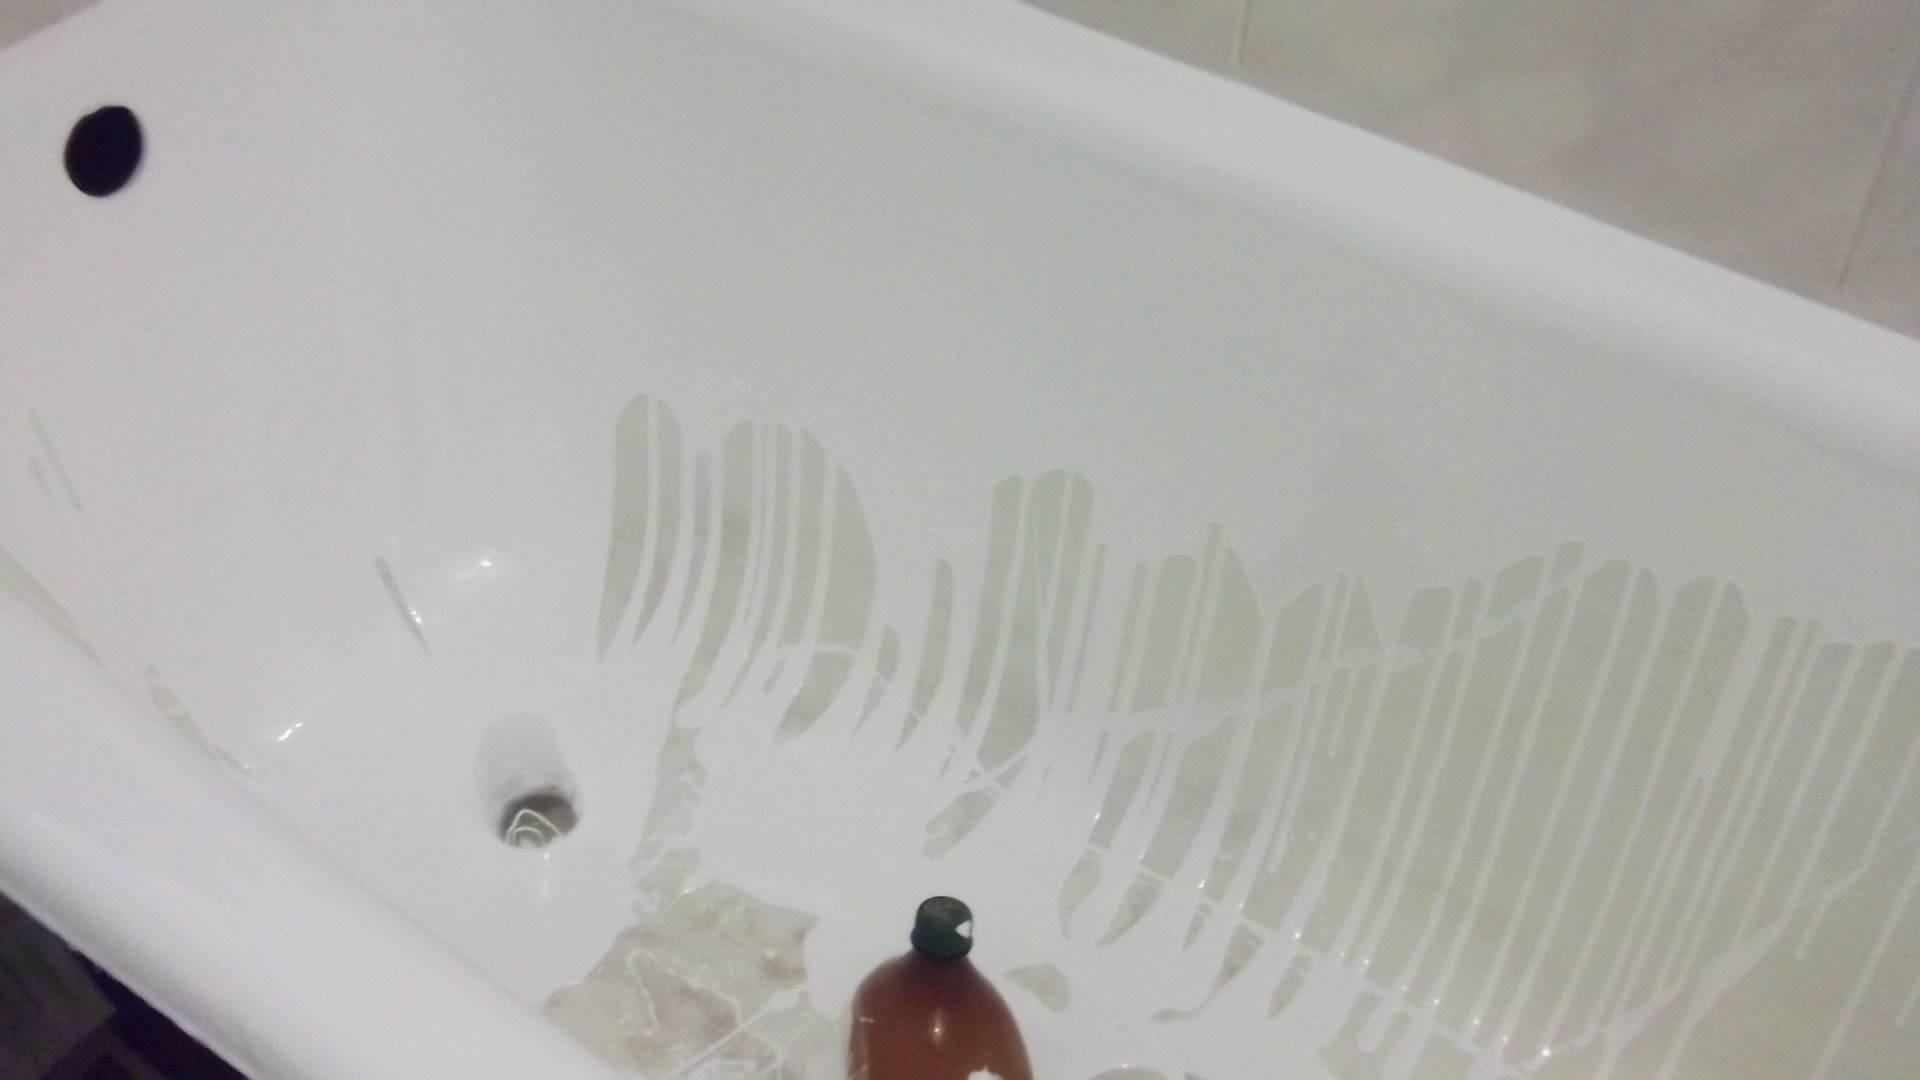 Реставрация ванн наливным акрилом, вкладышом или эмалью, цены в спб и москве, отзывы